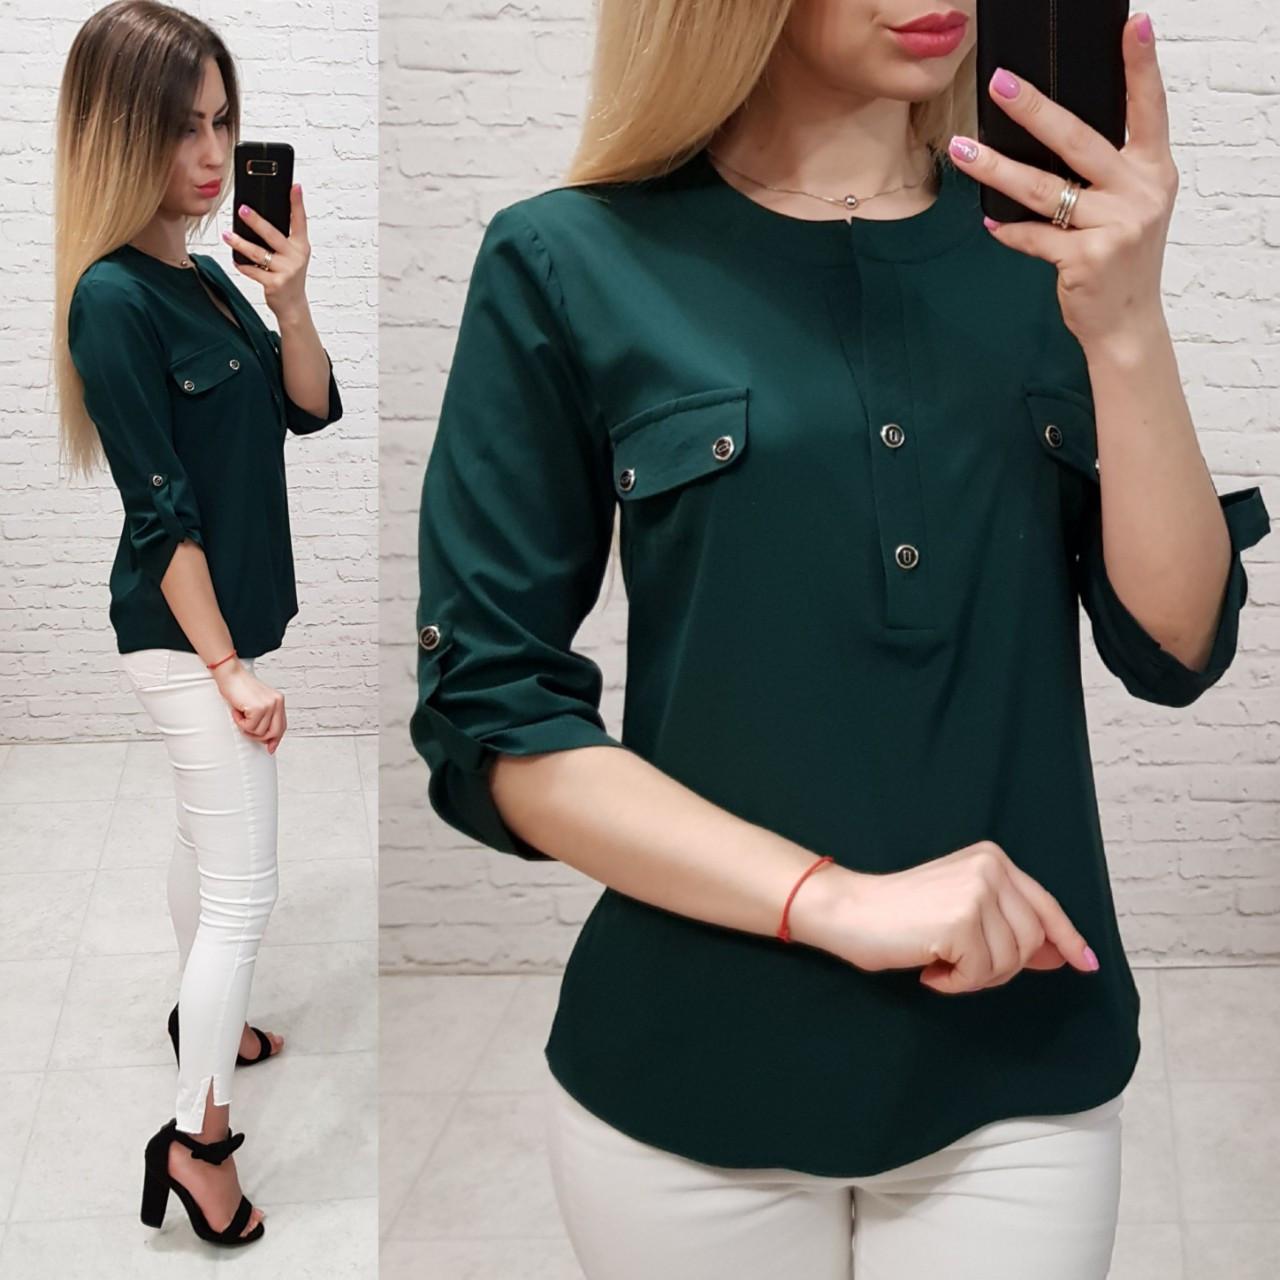 Блузка/блуза з кишеньками на грудях, модель 829 , колір зелений пляшковий